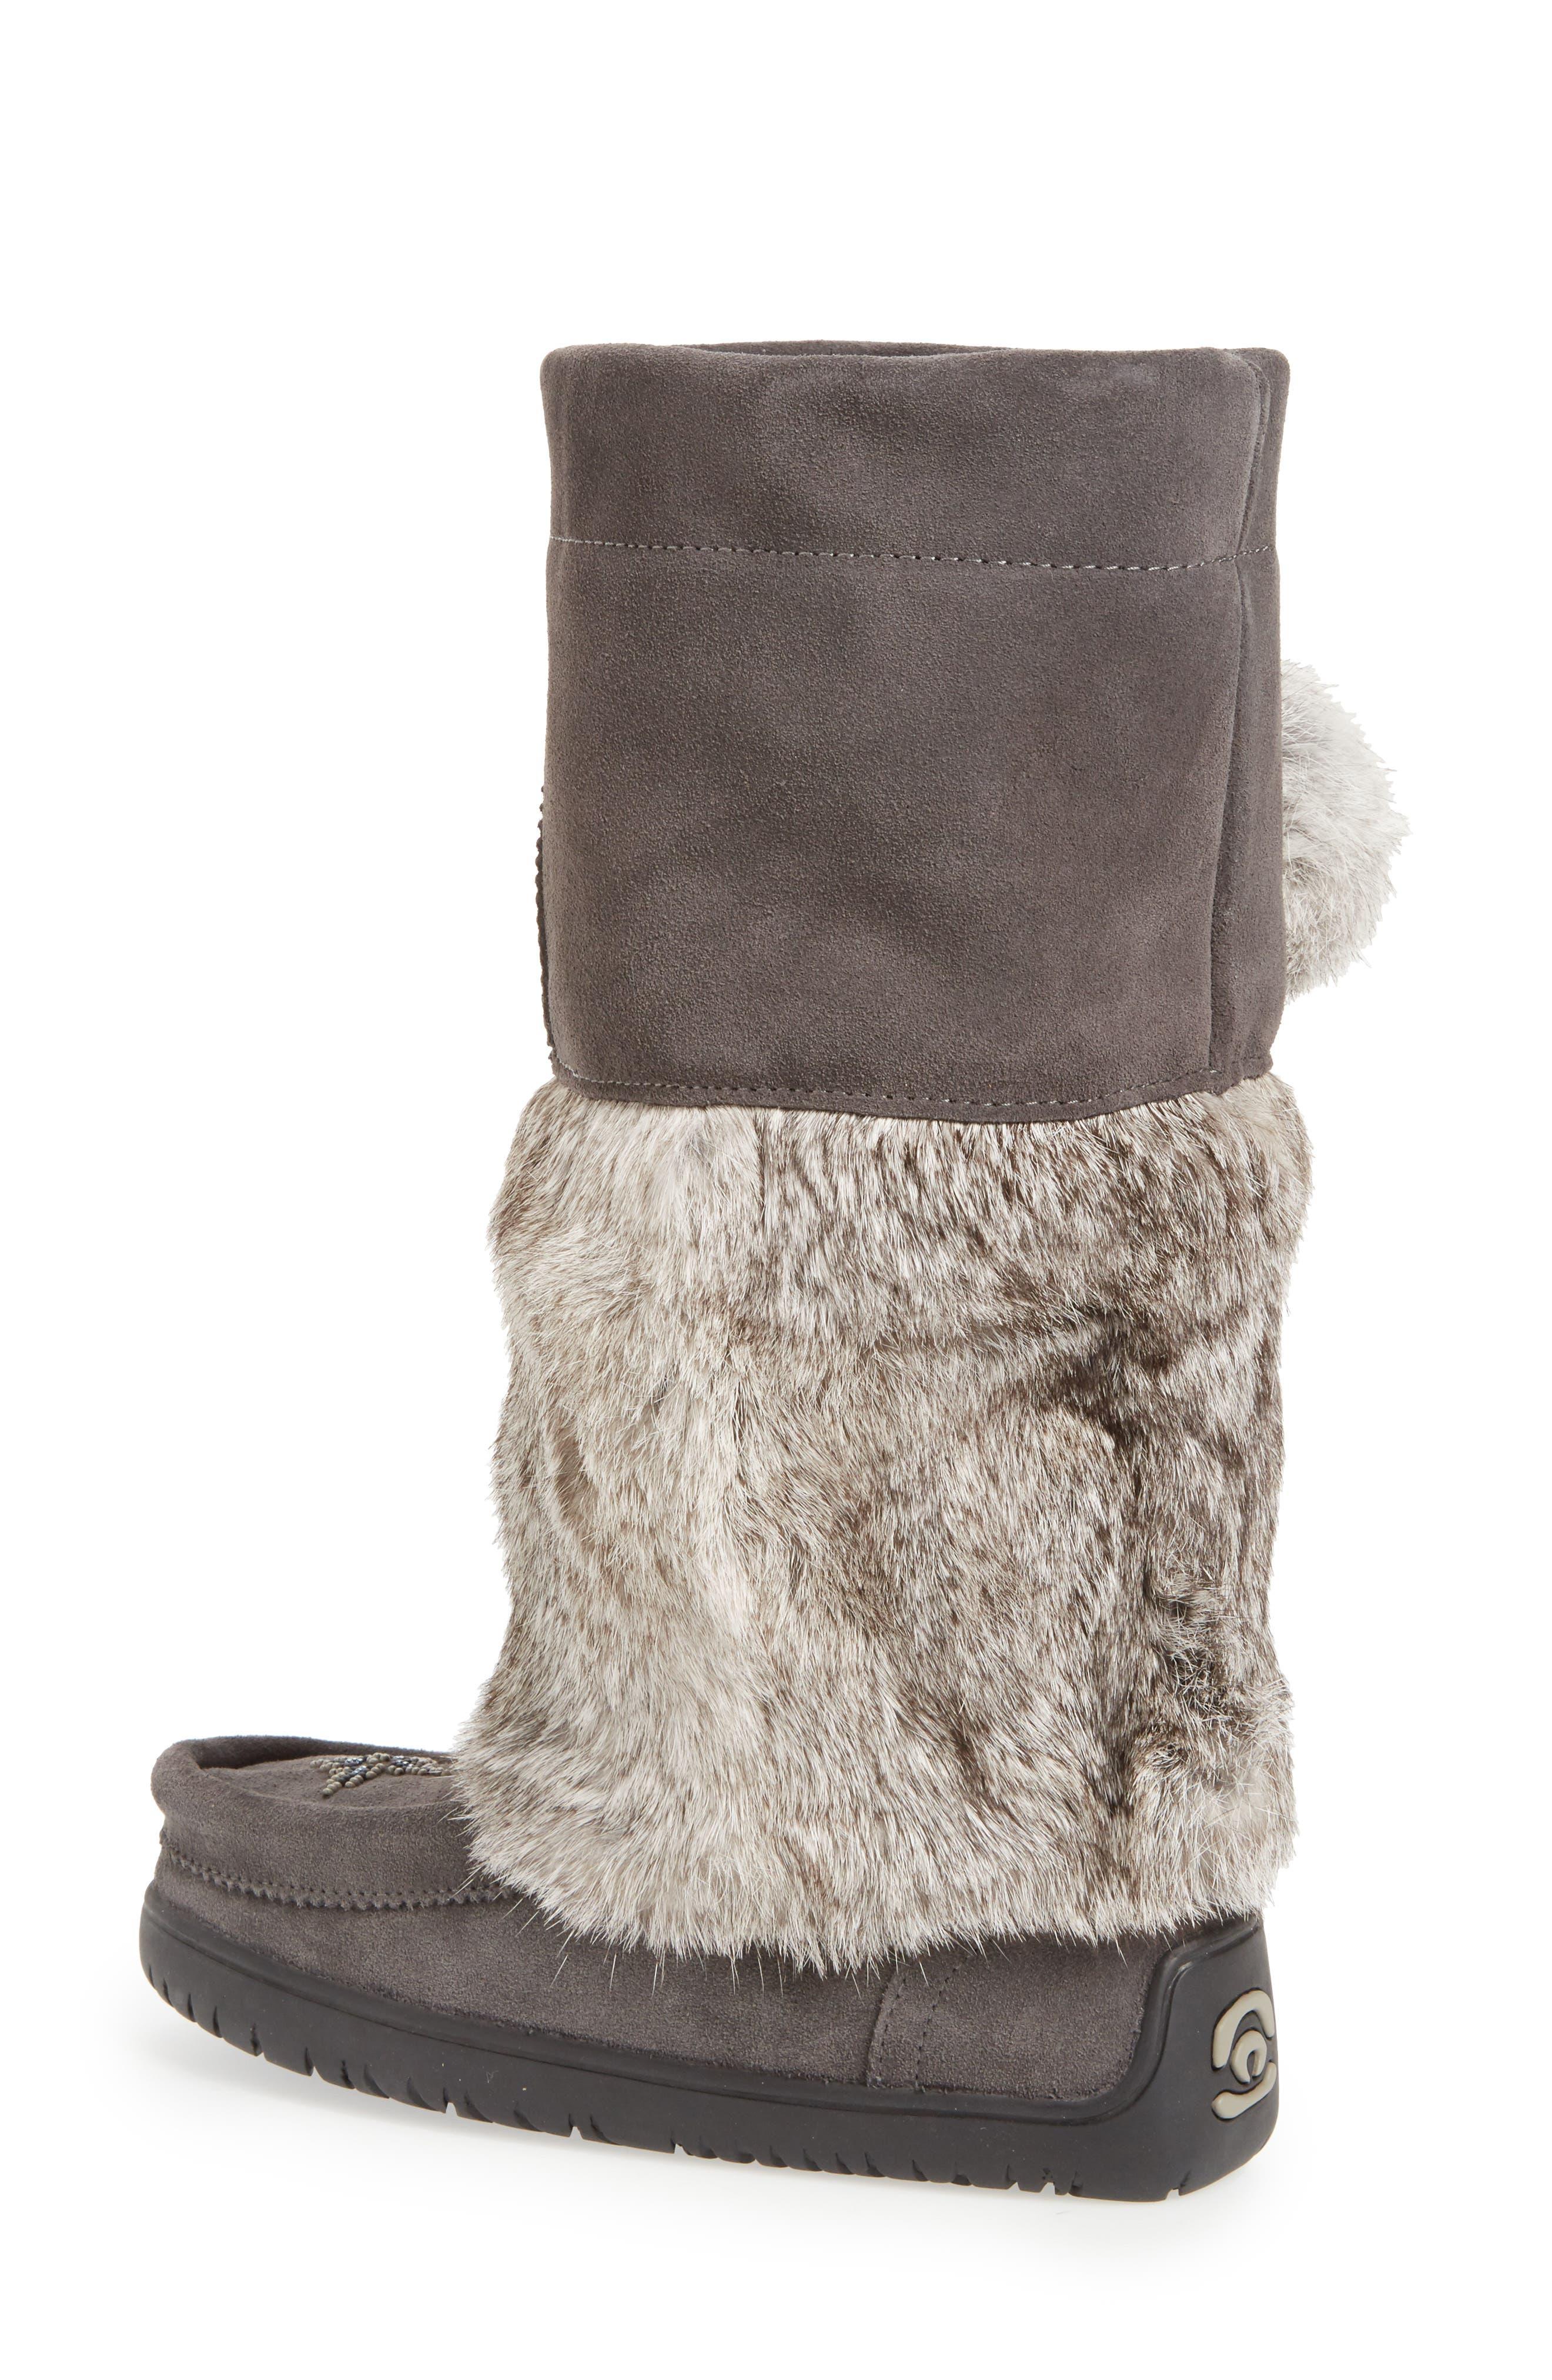 Snowy Owl Waterproof Genuine Fur Boot,                             Alternate thumbnail 4, color,